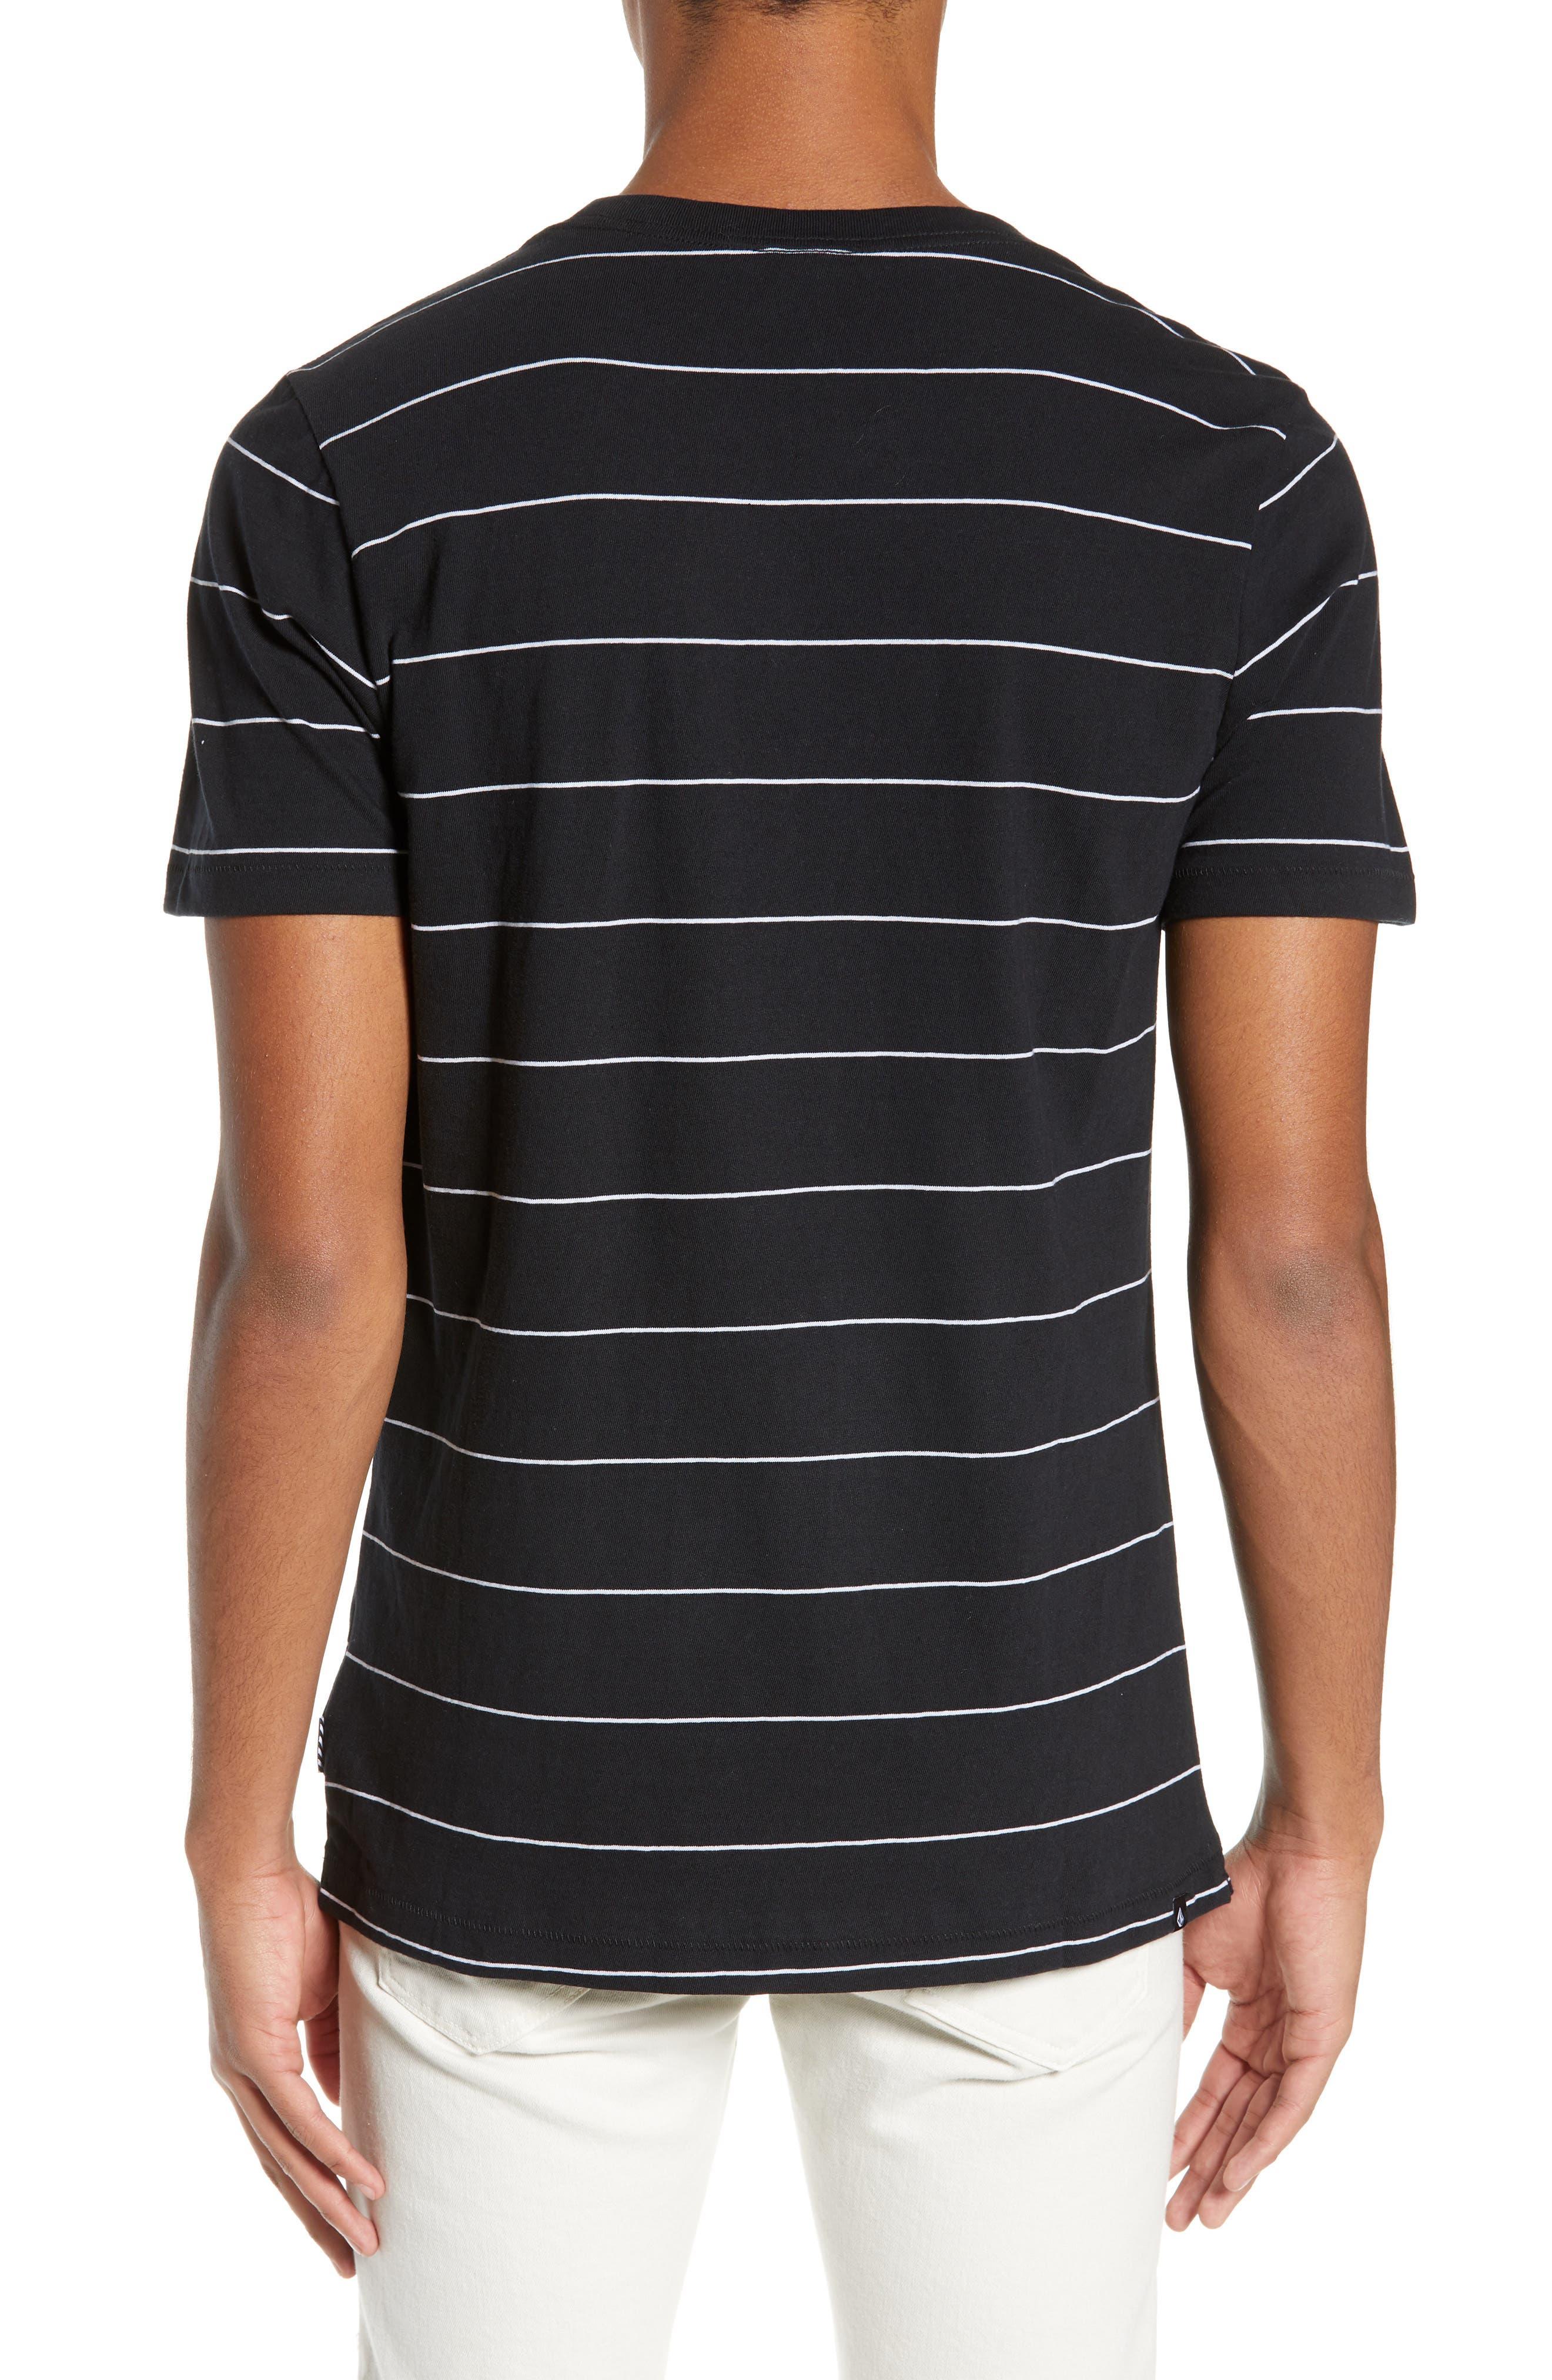 Joben Striped T-Shirt,                             Alternate thumbnail 2, color,                             BLACK